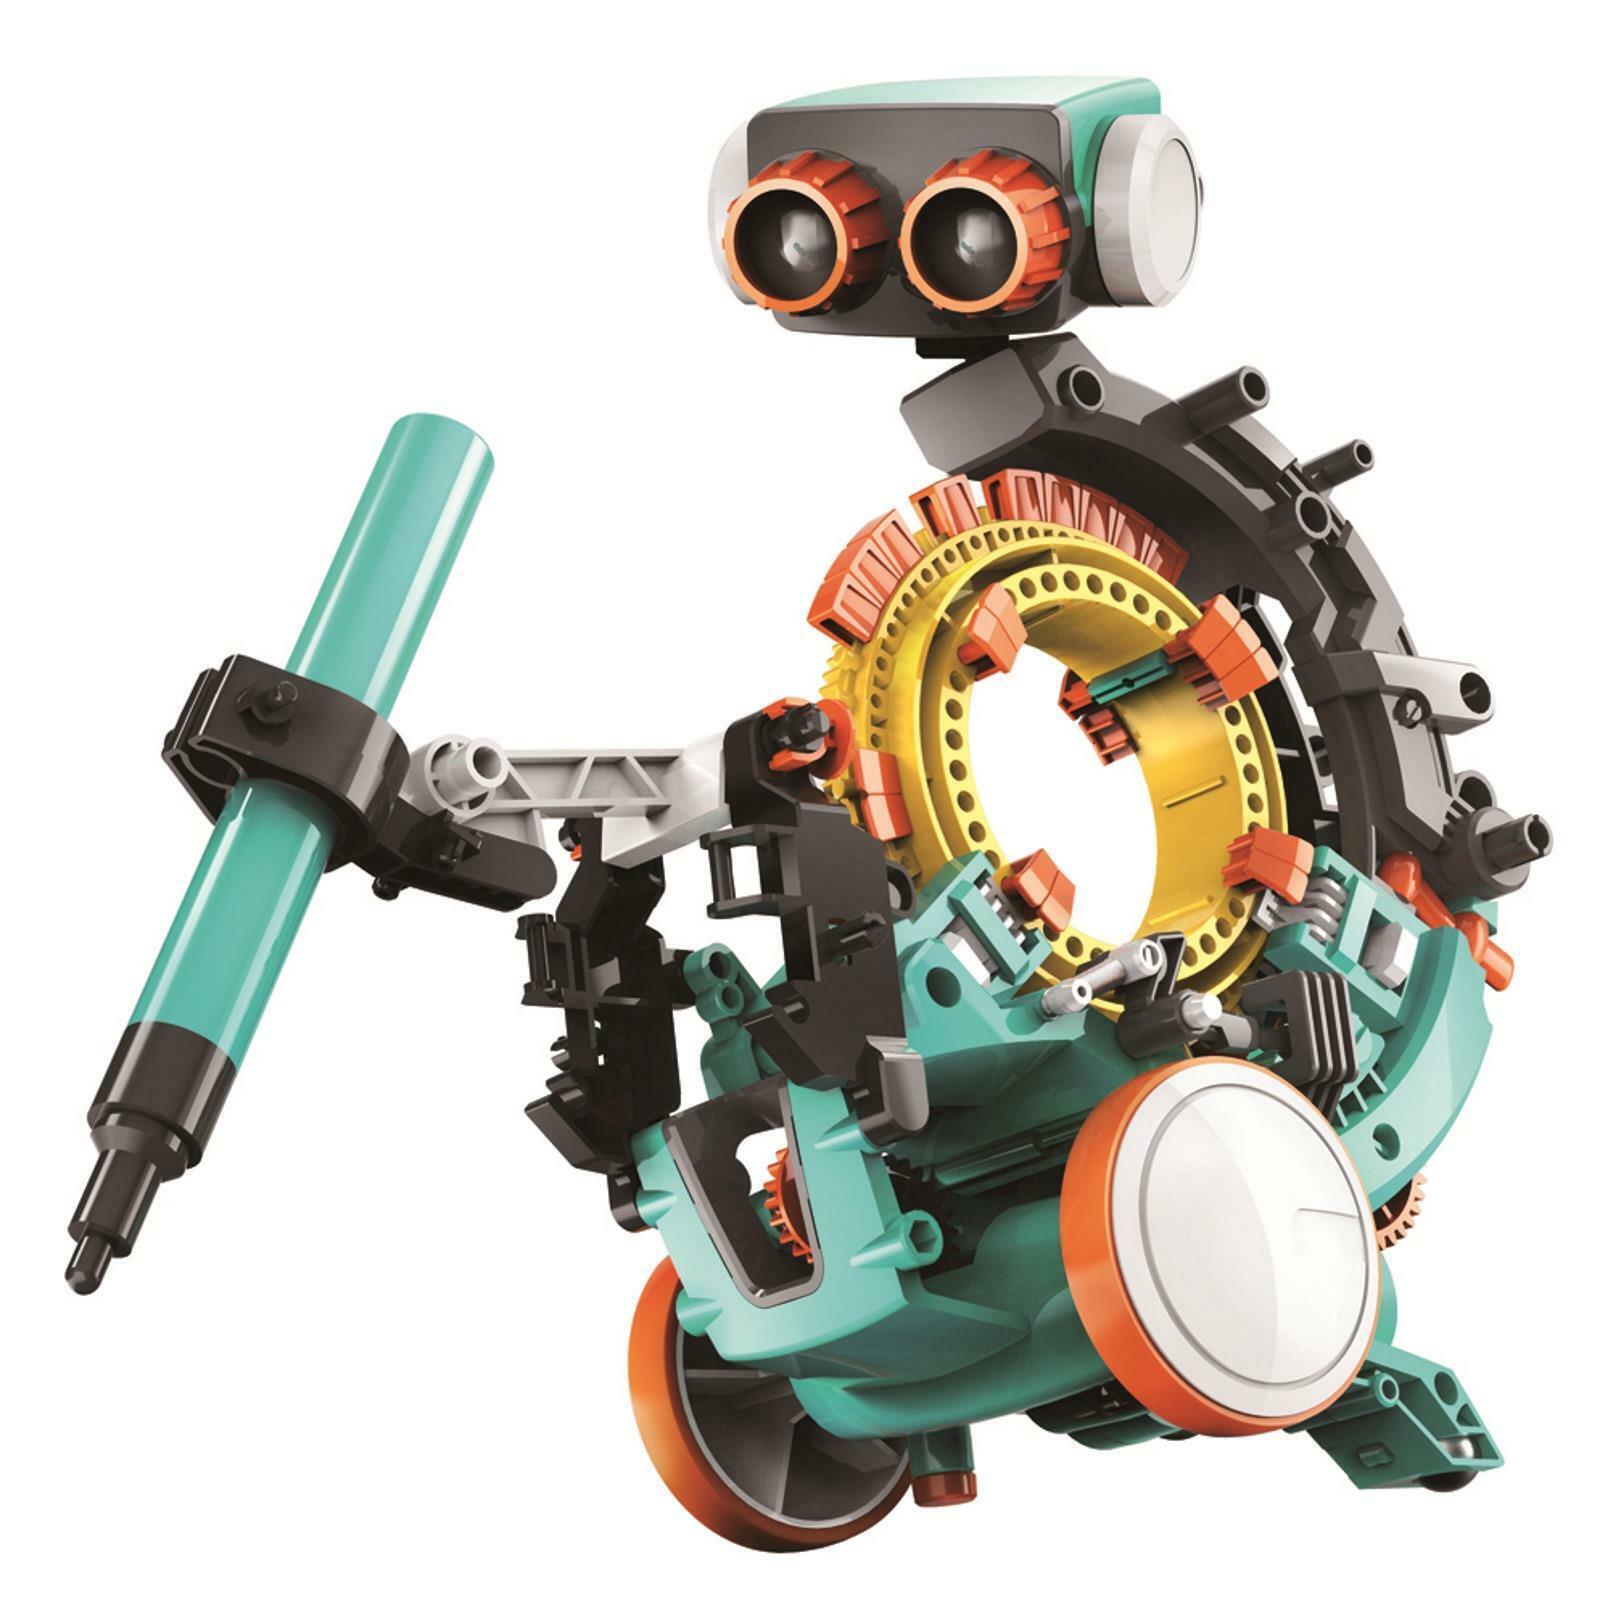 Construct & Crear 5 en 1 Codificación Robot Juguete Infantil Tallo Mecánico